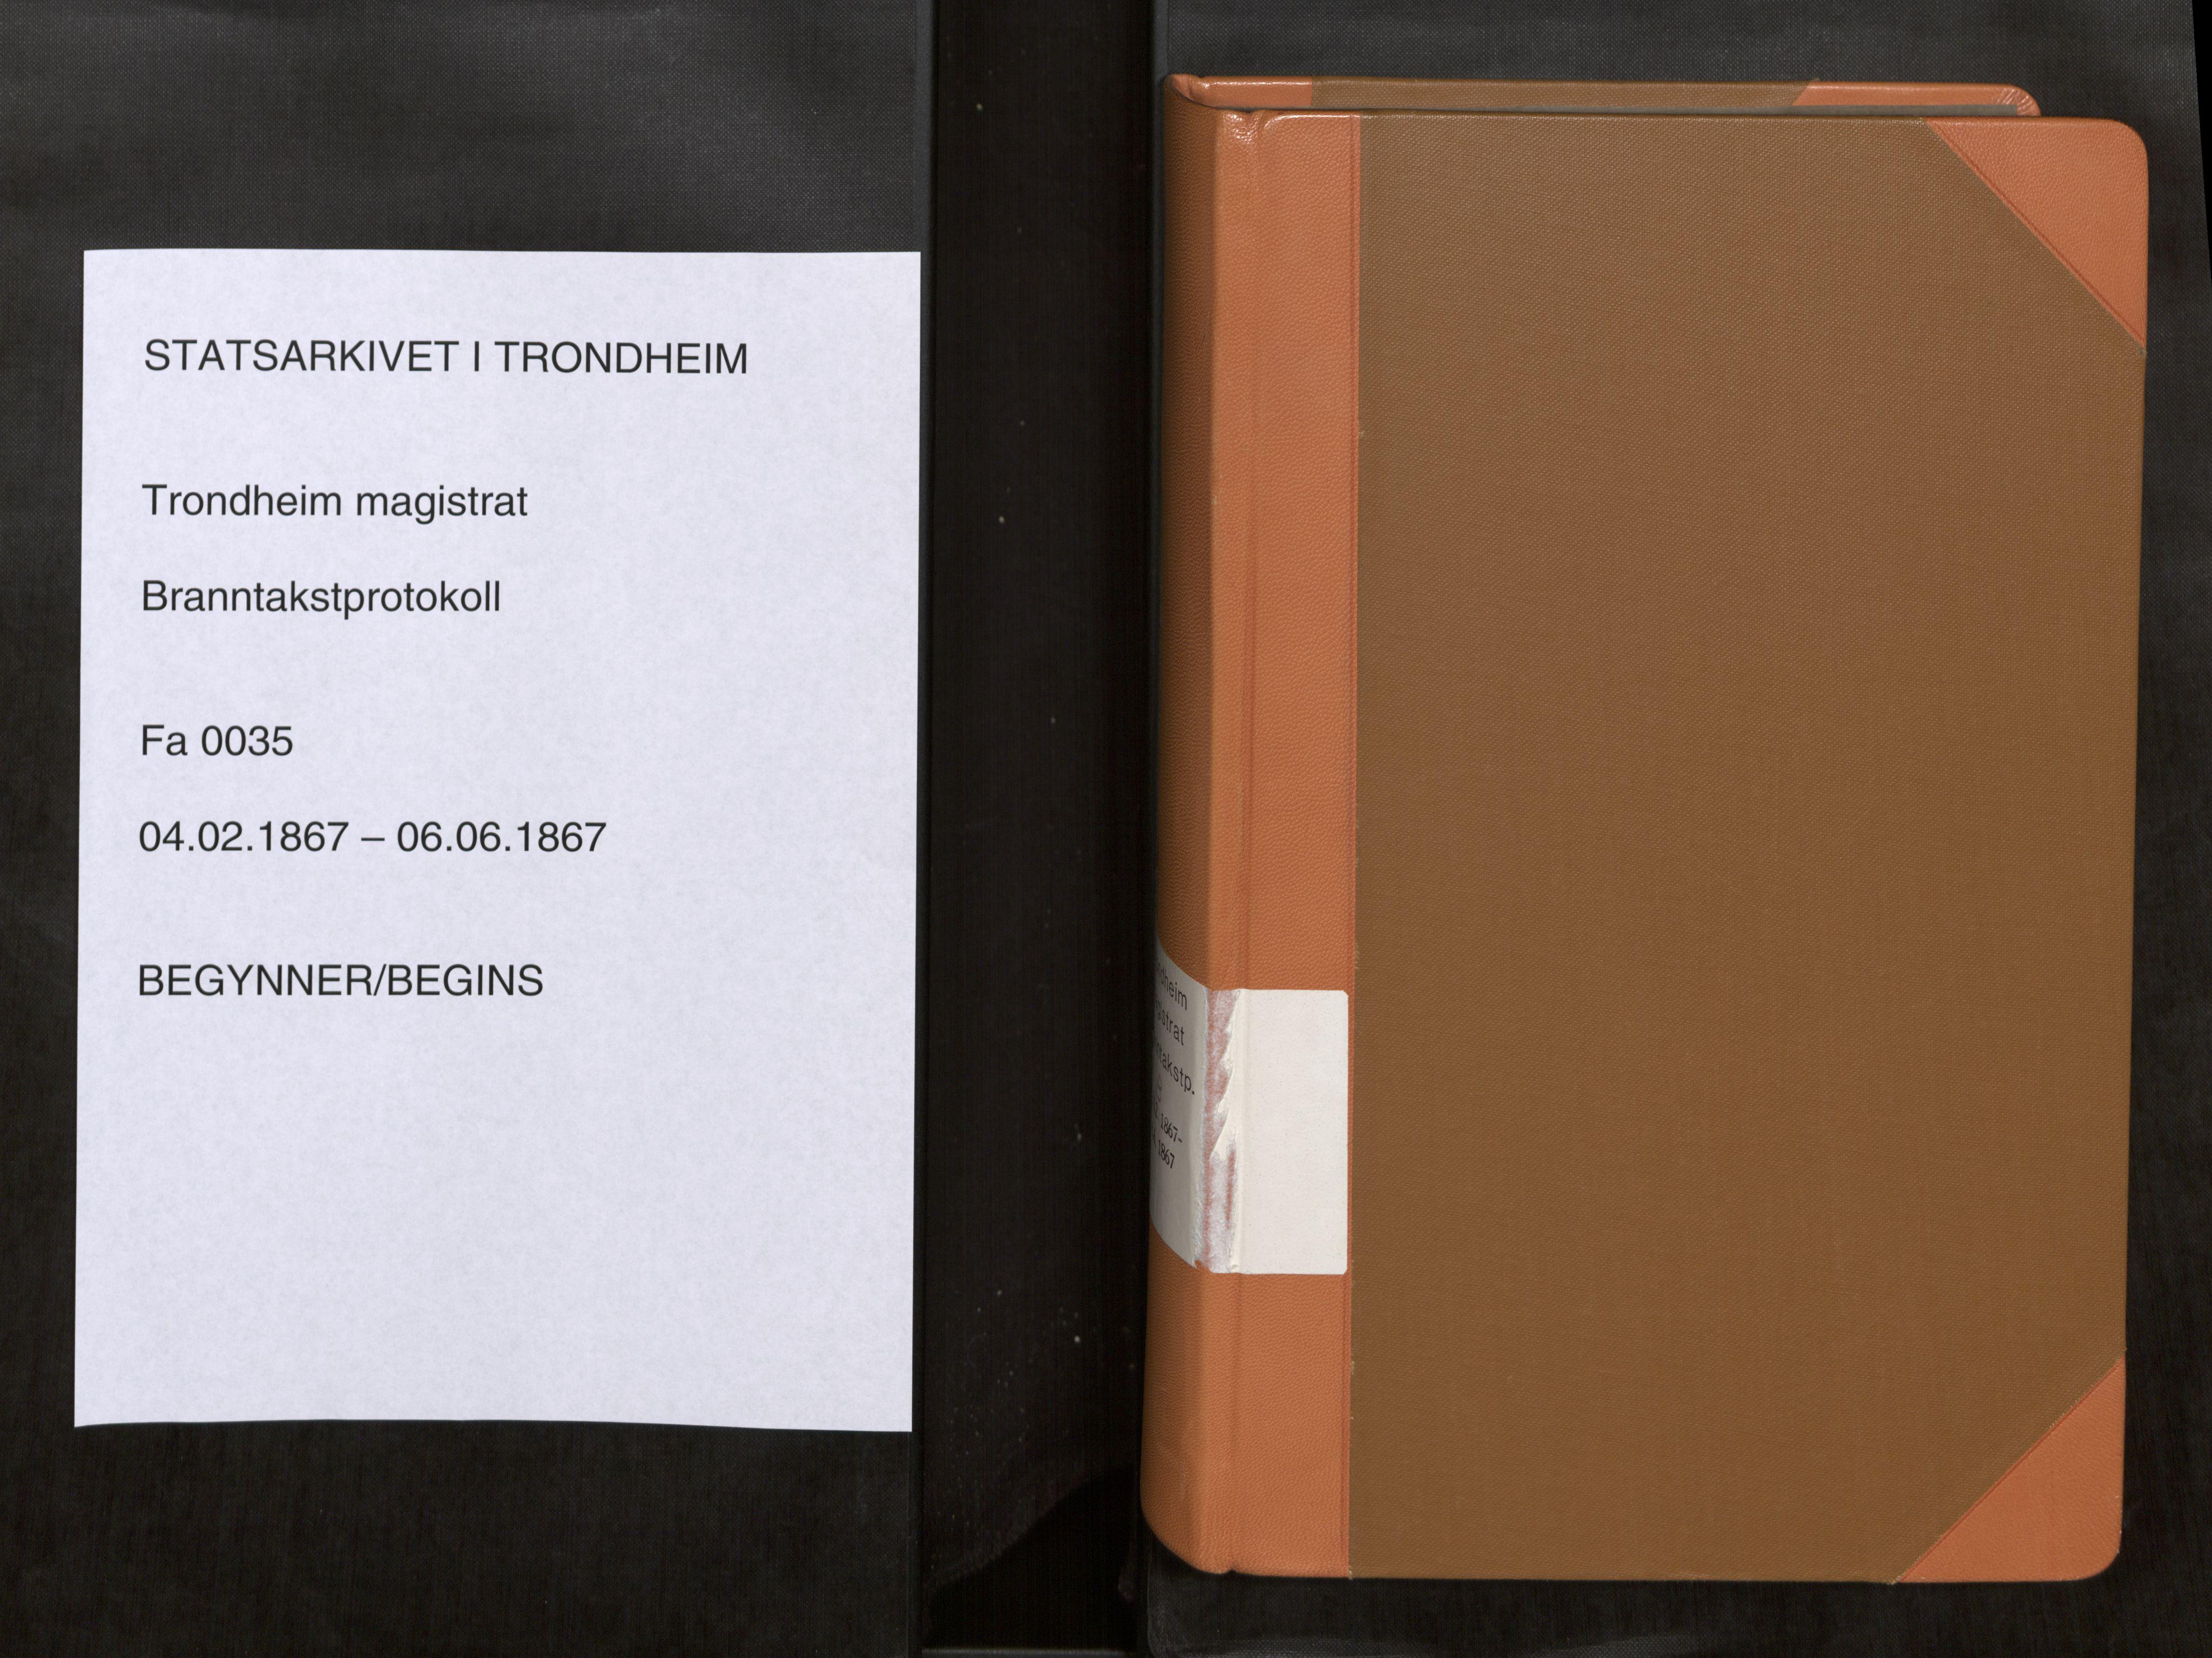 SAT, Norges Brannkasse Trondheim magistrat, Fa/L0040: Branntakstprotokoll B, 1867